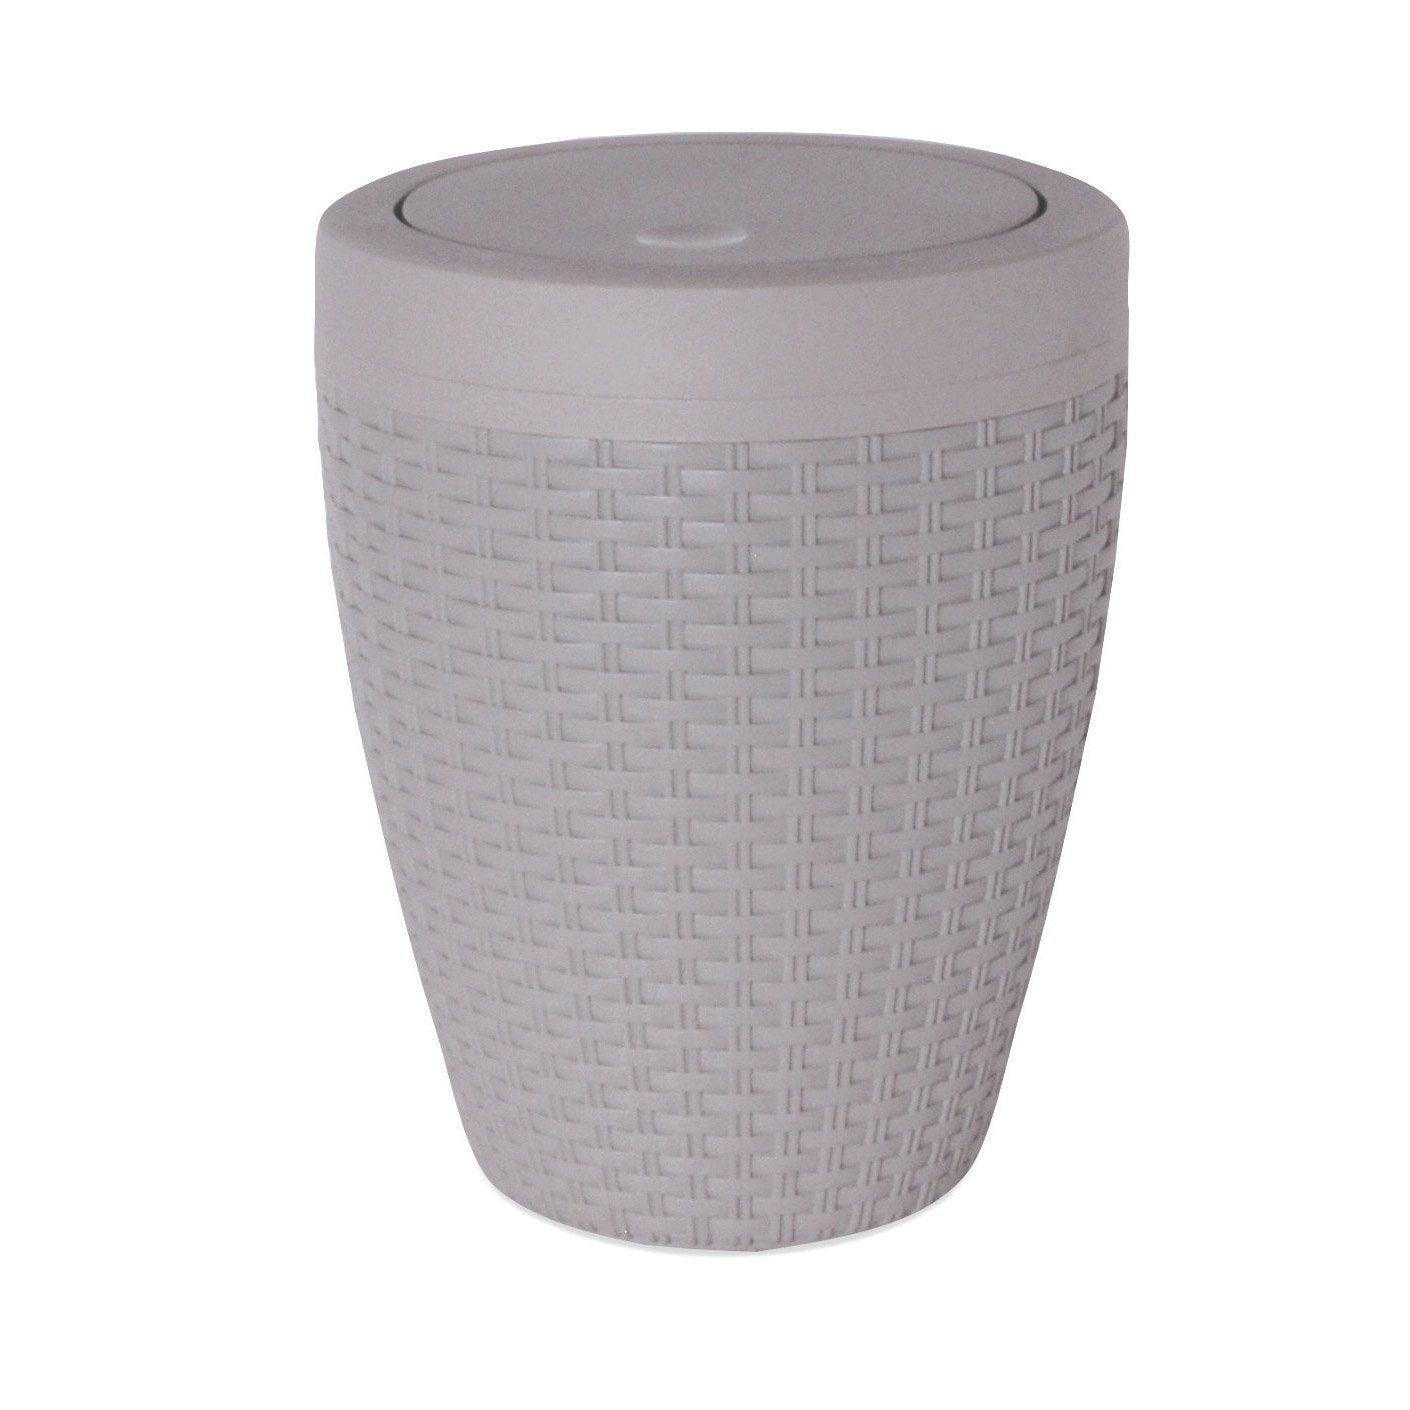 poubelle de salle de bains 6 l gris gris 4 sensea cottage leroy merlin. Black Bedroom Furniture Sets. Home Design Ideas